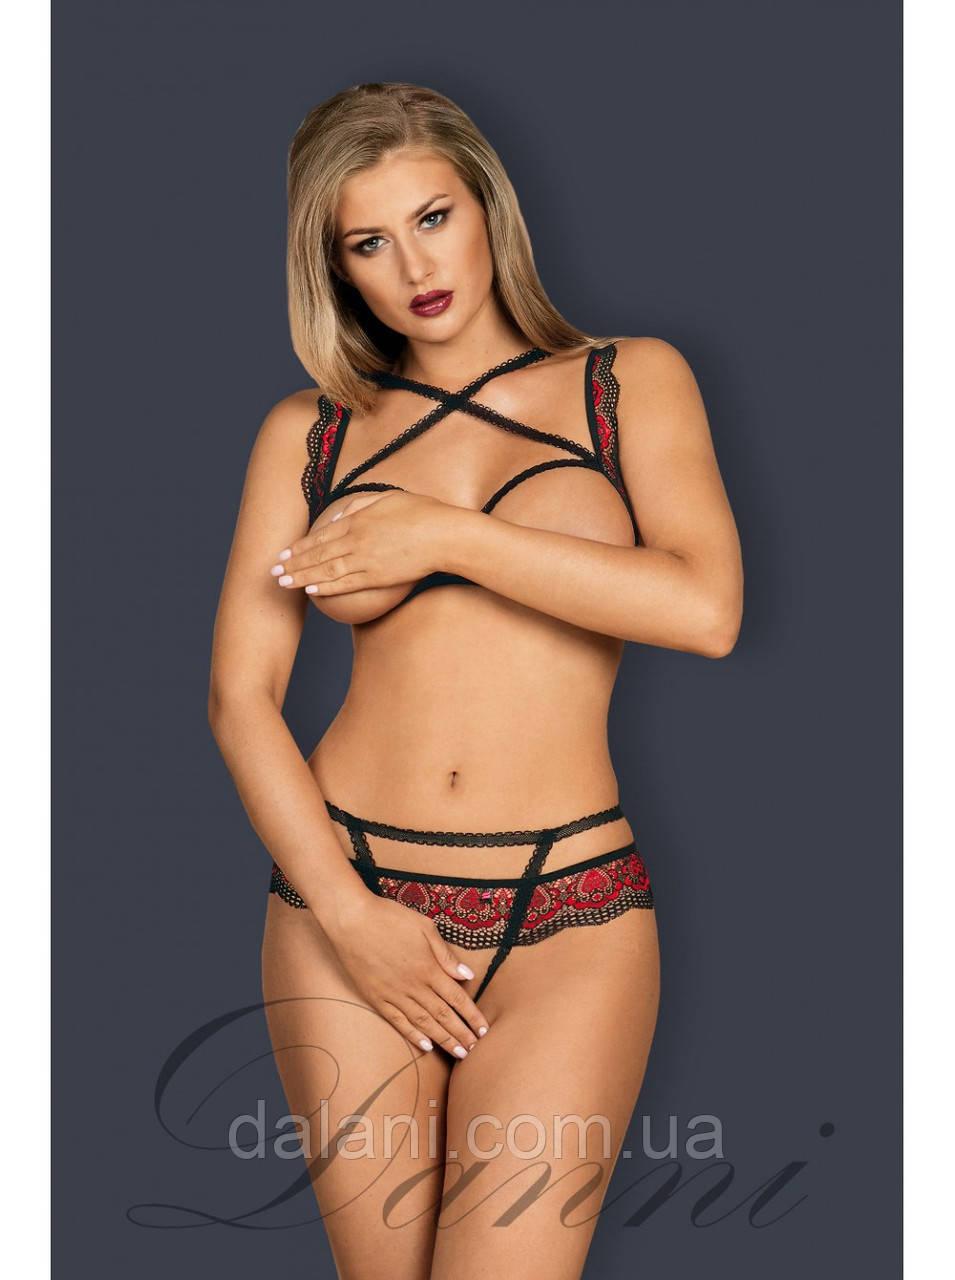 Откровенный чёрно-красный комплект женского белья